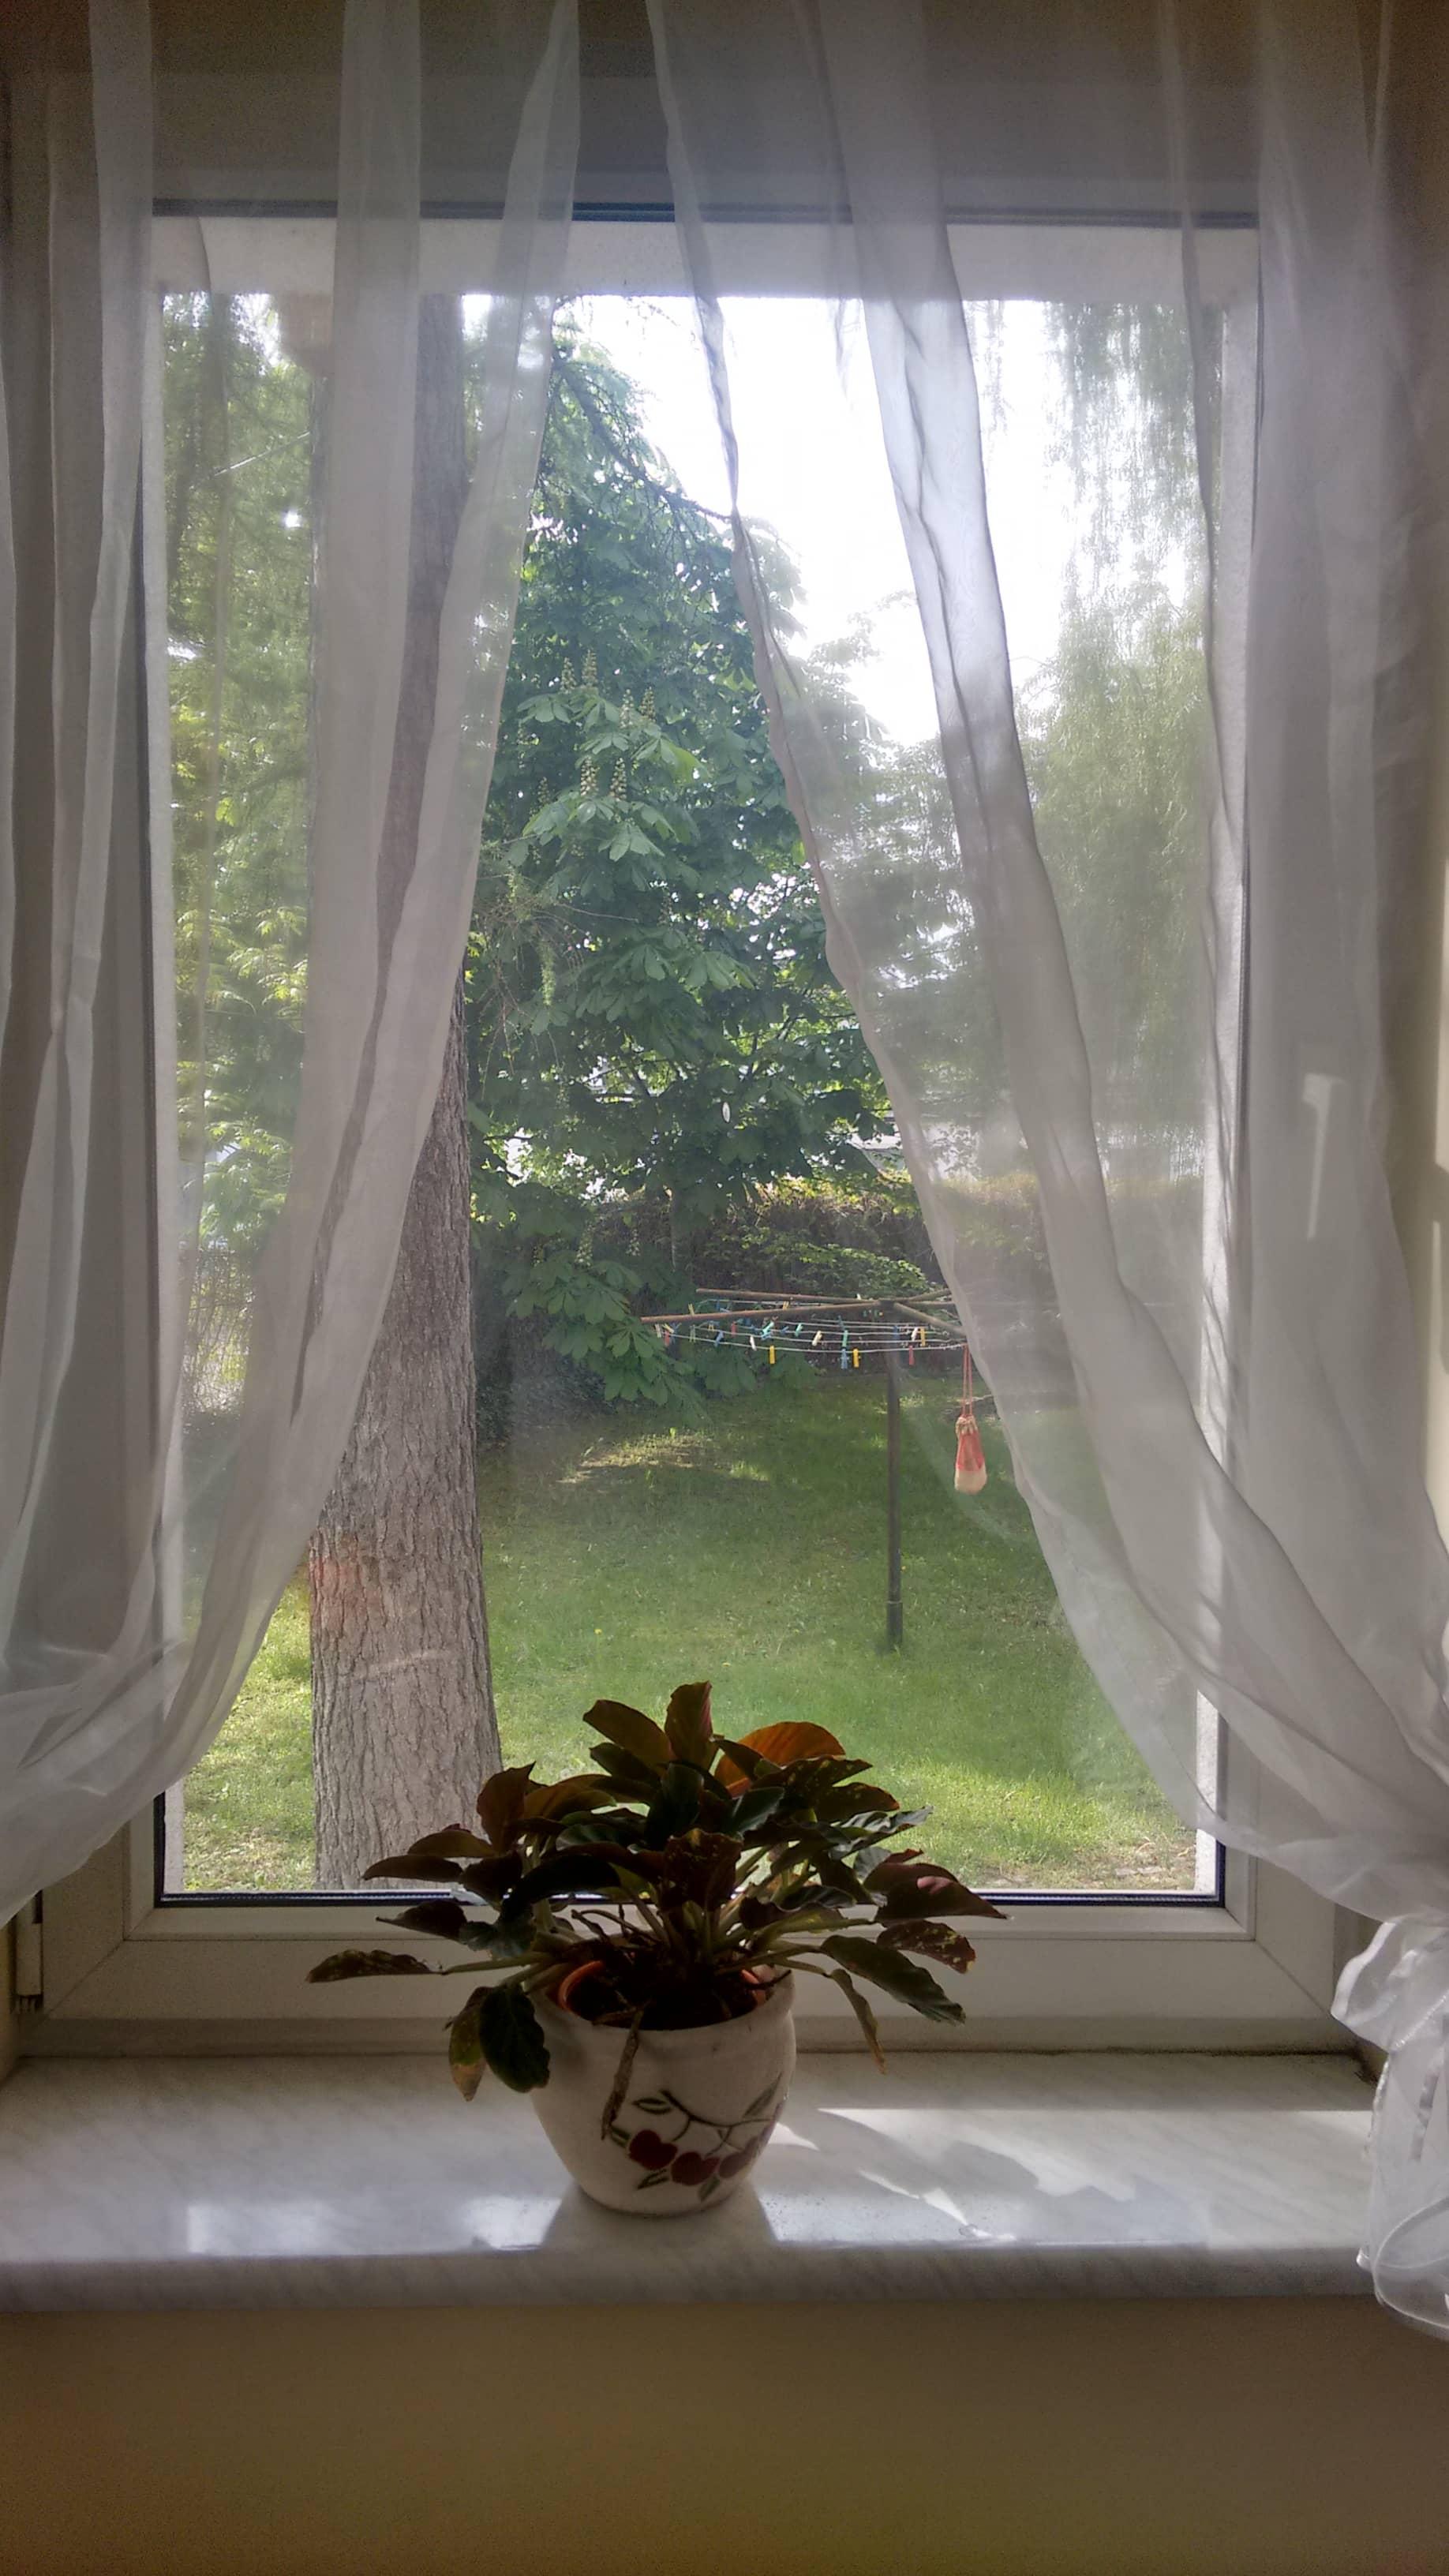 Folia Wenecka na okna M Silver 35 - widok ze środka domu w pogodny dzień